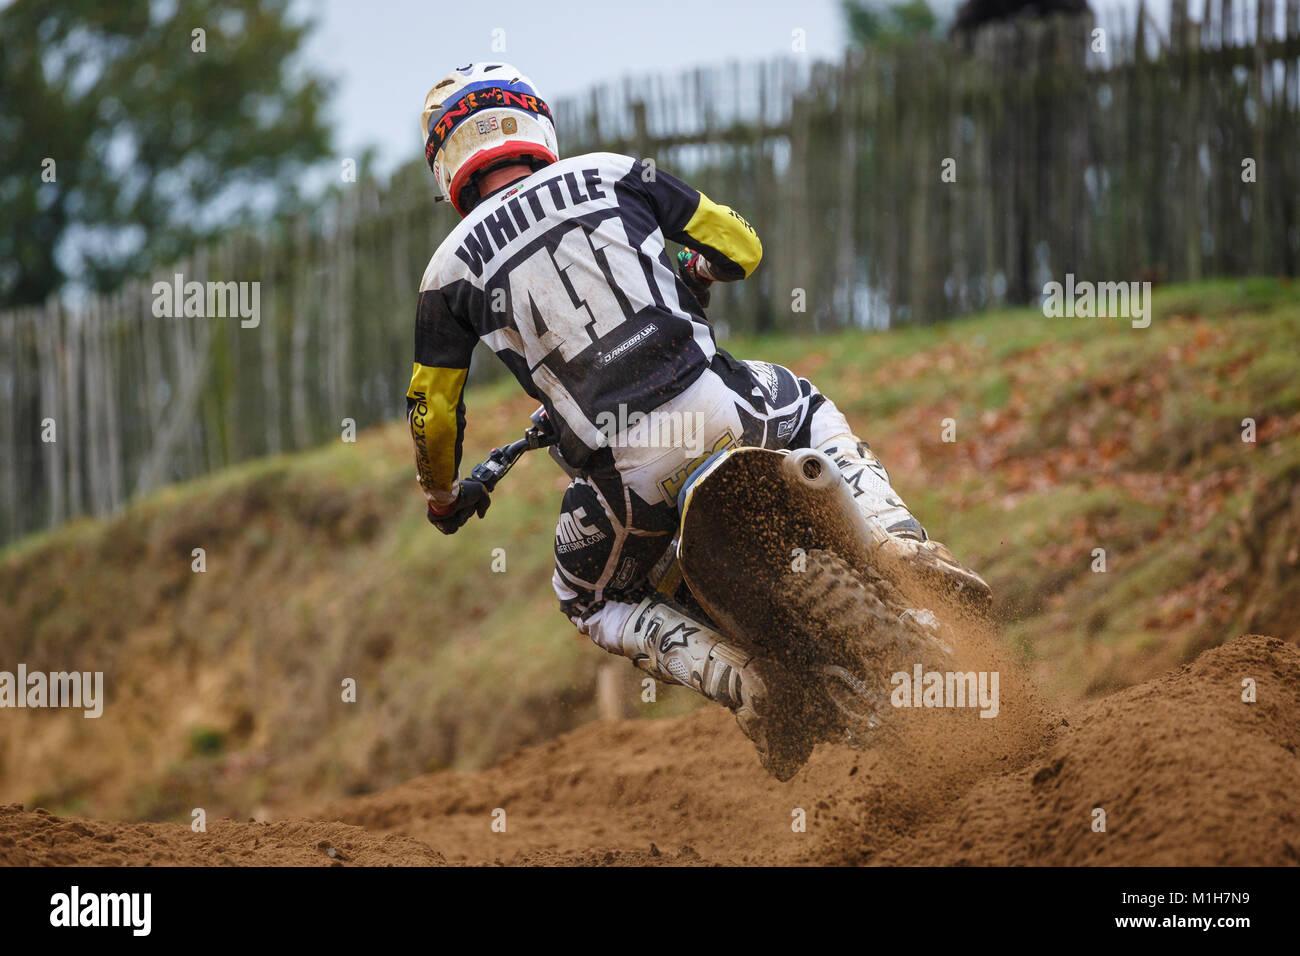 Declan Whittle on the Herts MX / Danger UK Husqvarna 450 at the NGR & ACU Eastern EVO Motocross Championships, - Stock Image